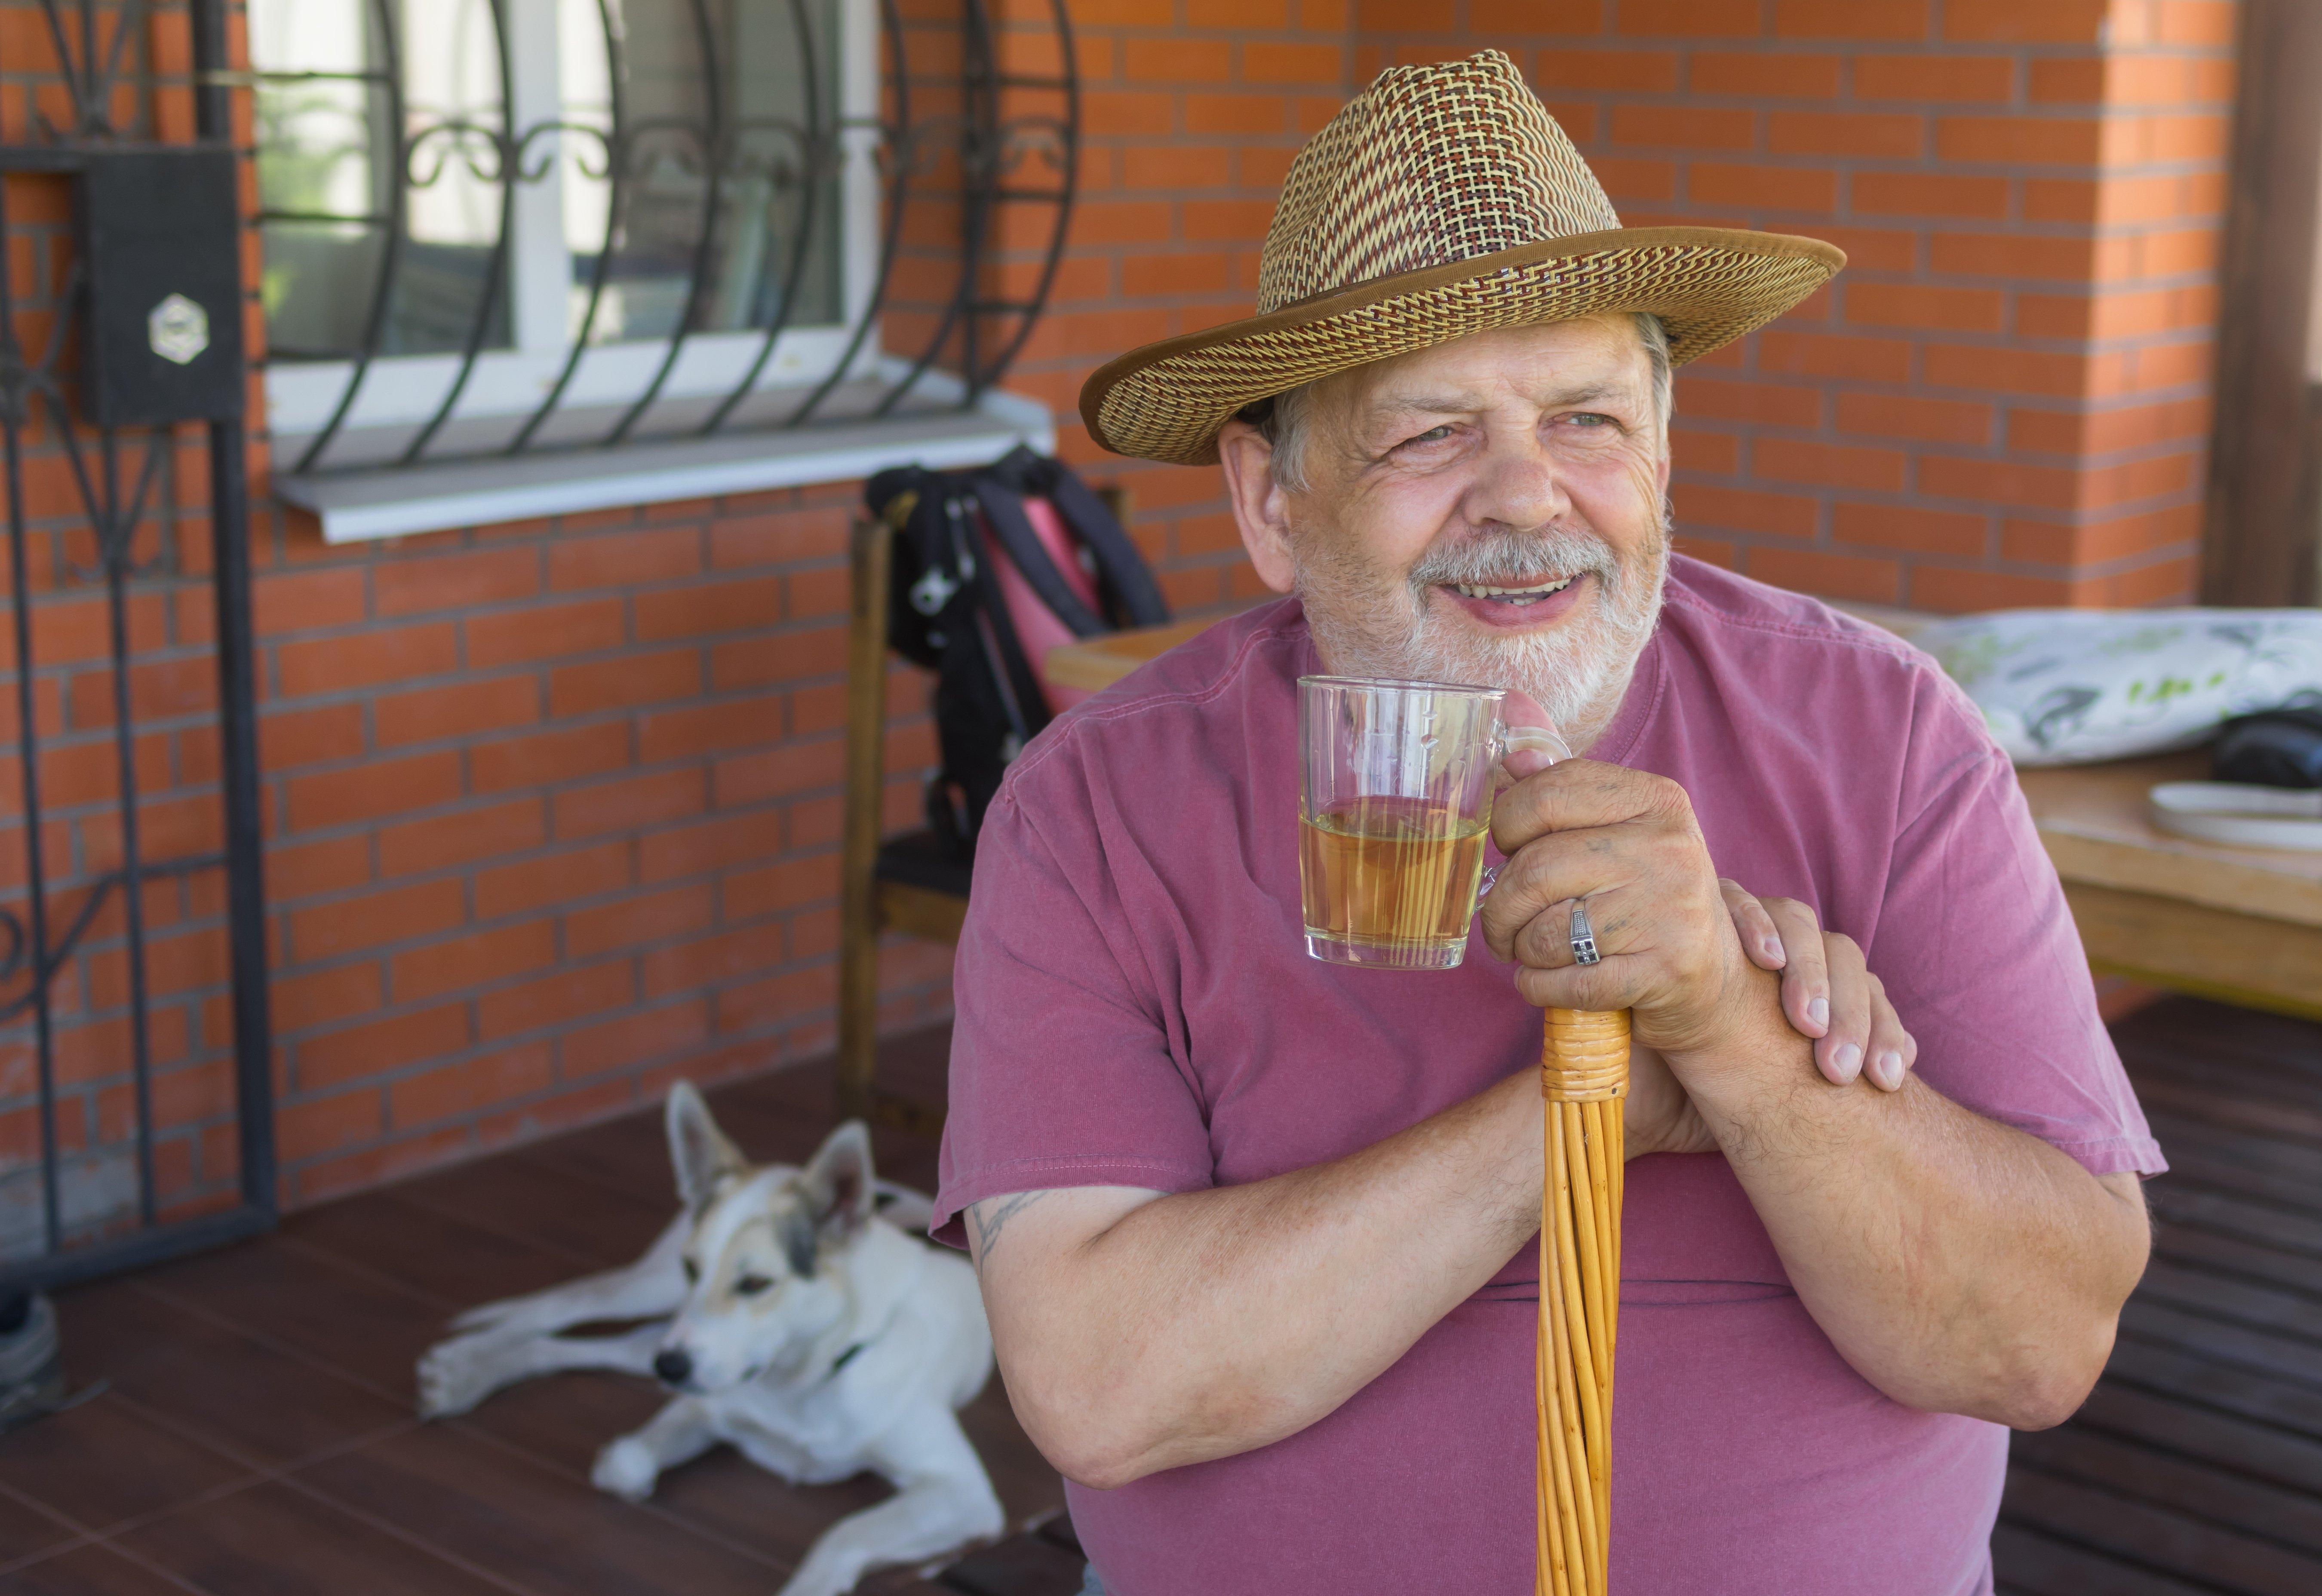 Anciano tomando una bebida. | Foto: Shutterstock